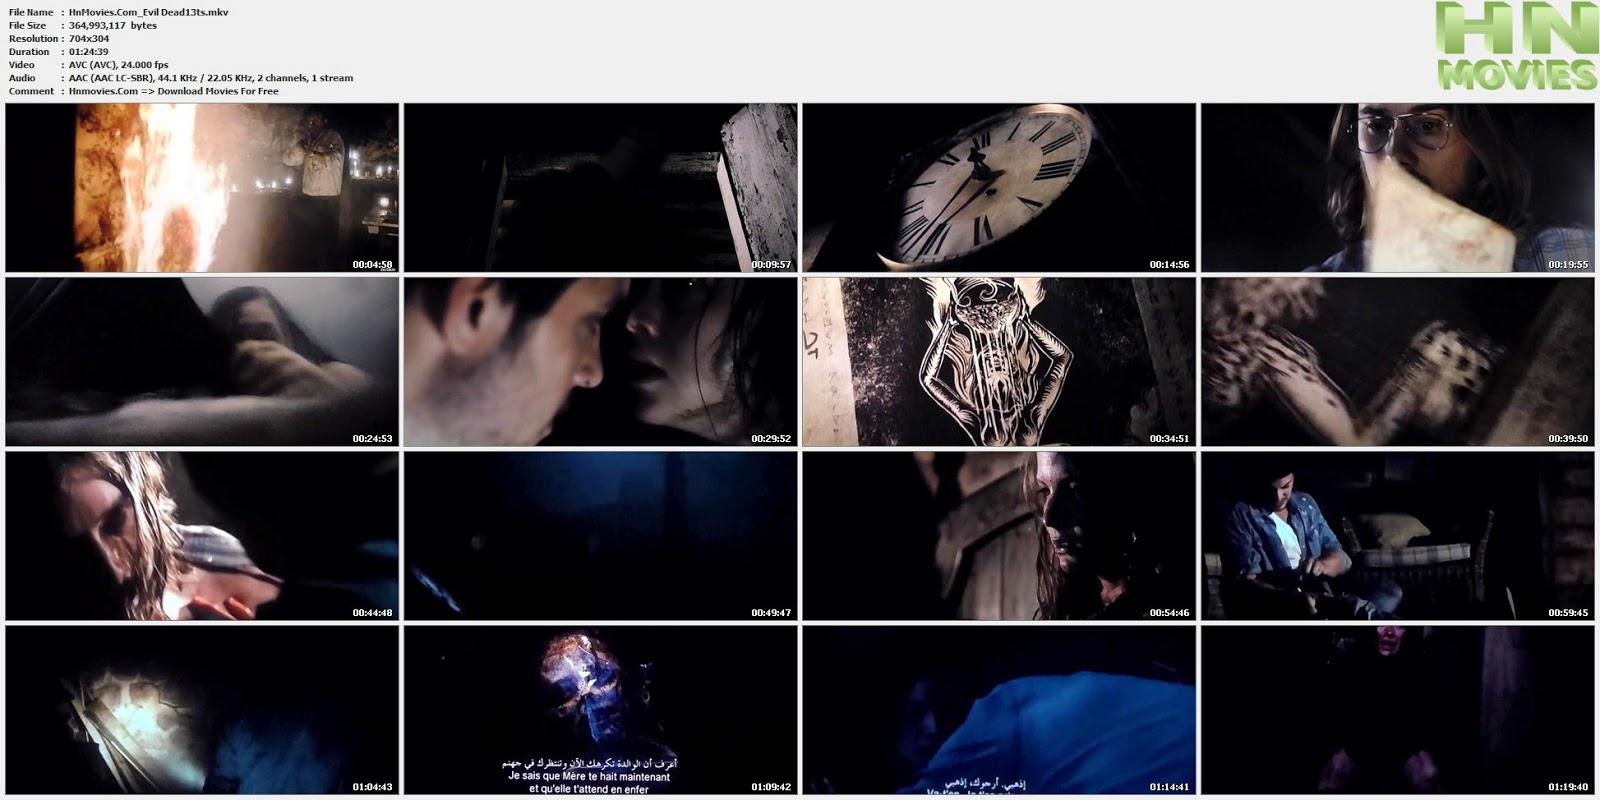 HnMovies.Com Evil+Dead13ts.mkv